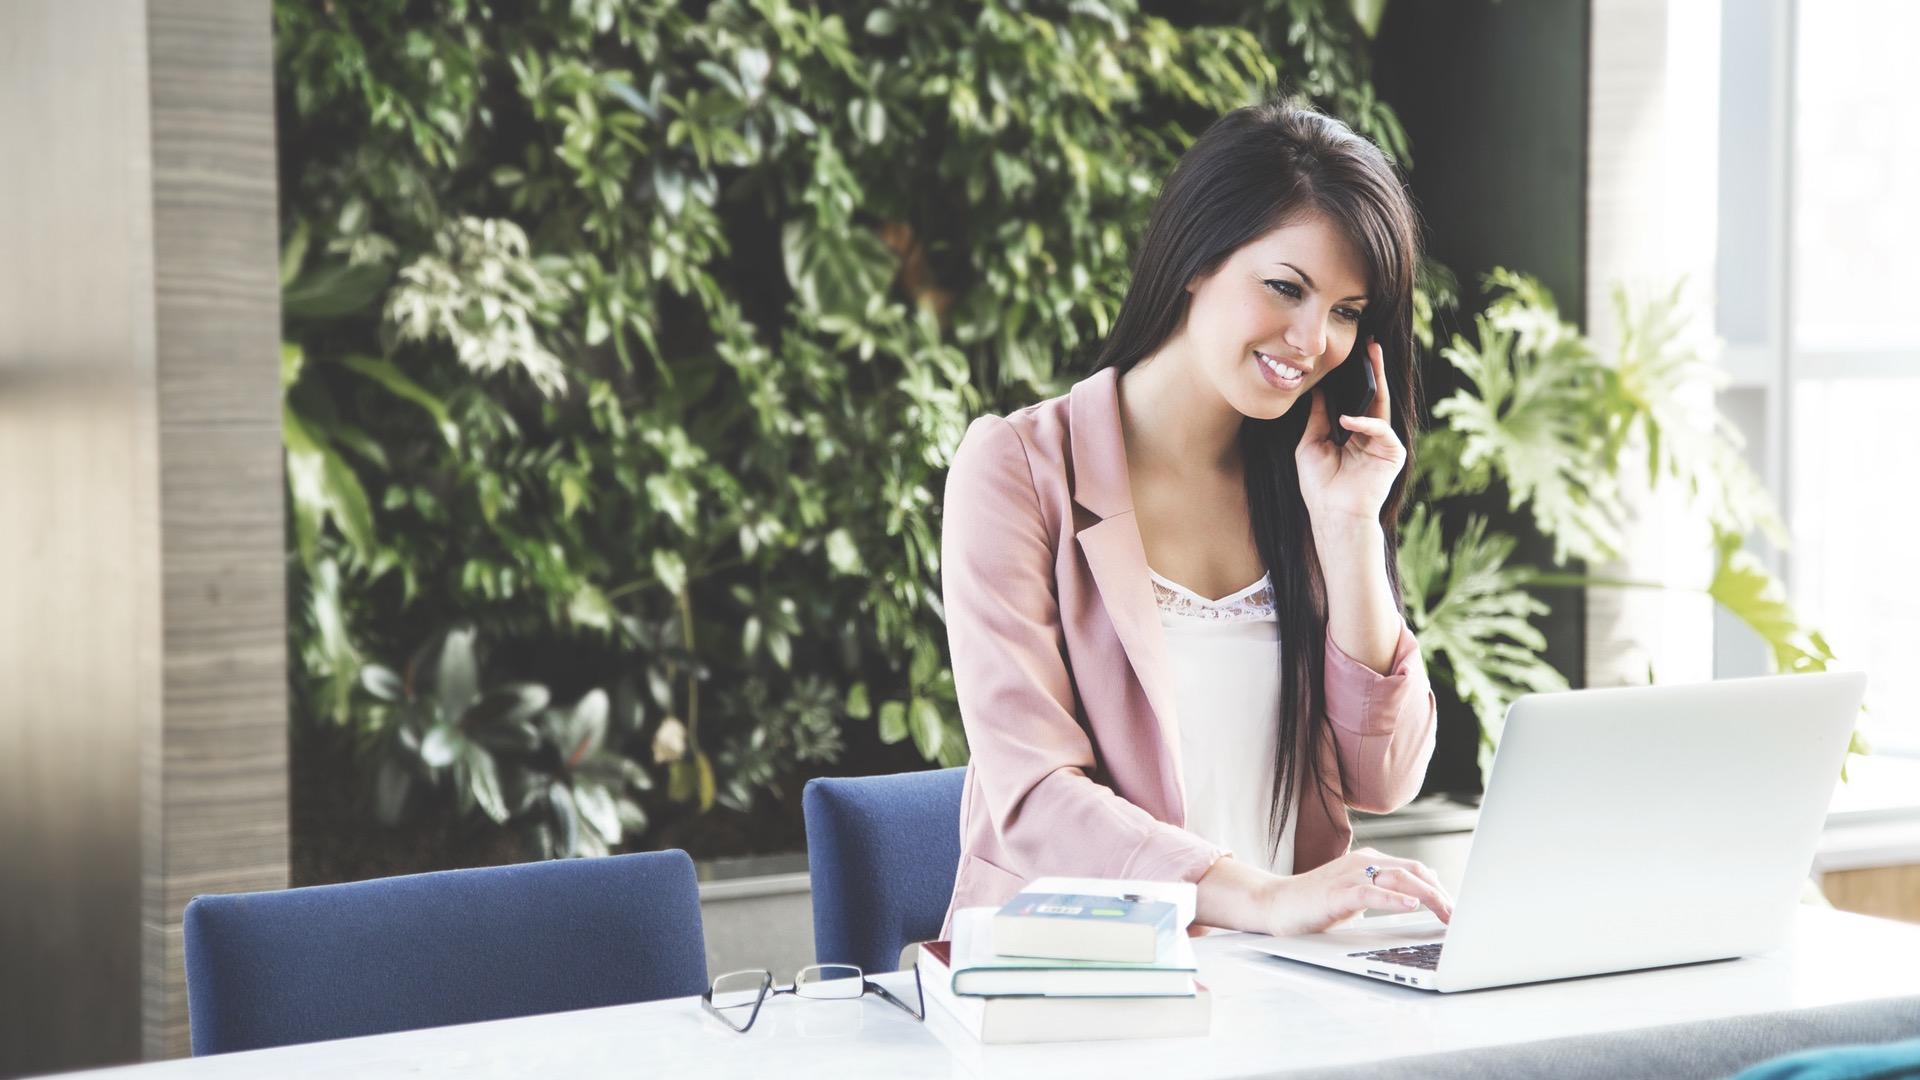 Rekruter umówi się z kandydatem przez... SMS-a Rekrutacja mediarun rekruter sms